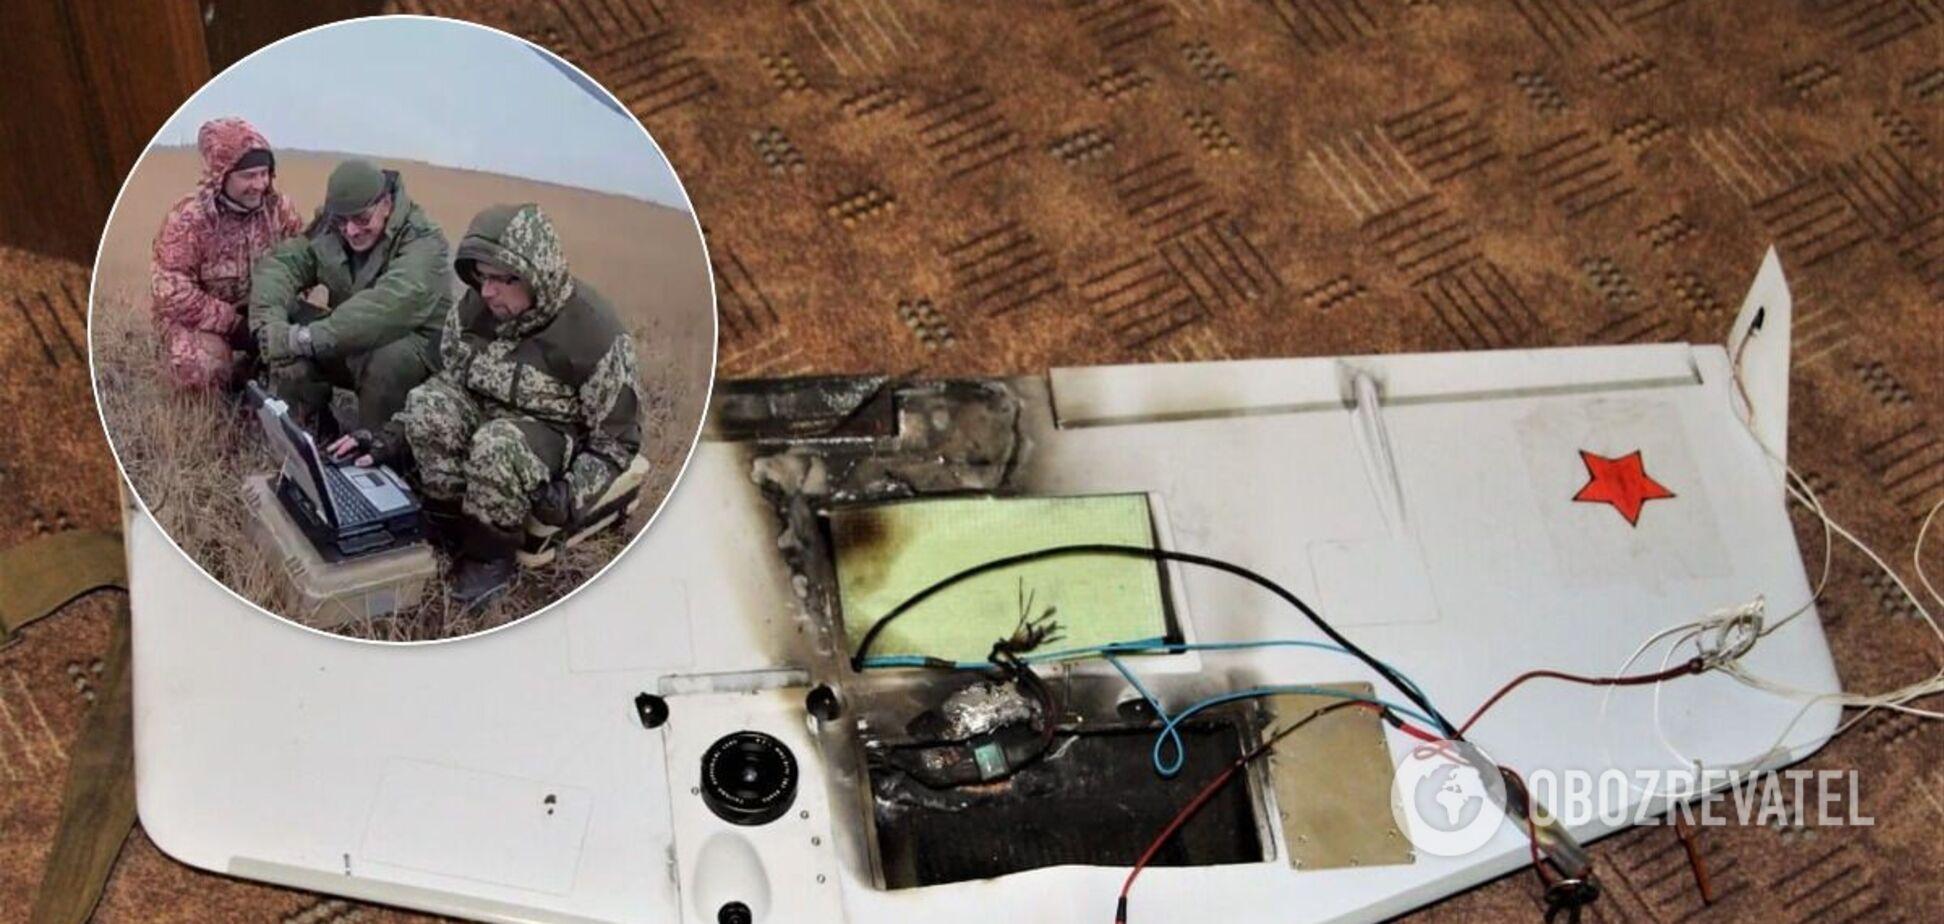 Терористи на Донбасі потрапили в камеру власного БПЛА